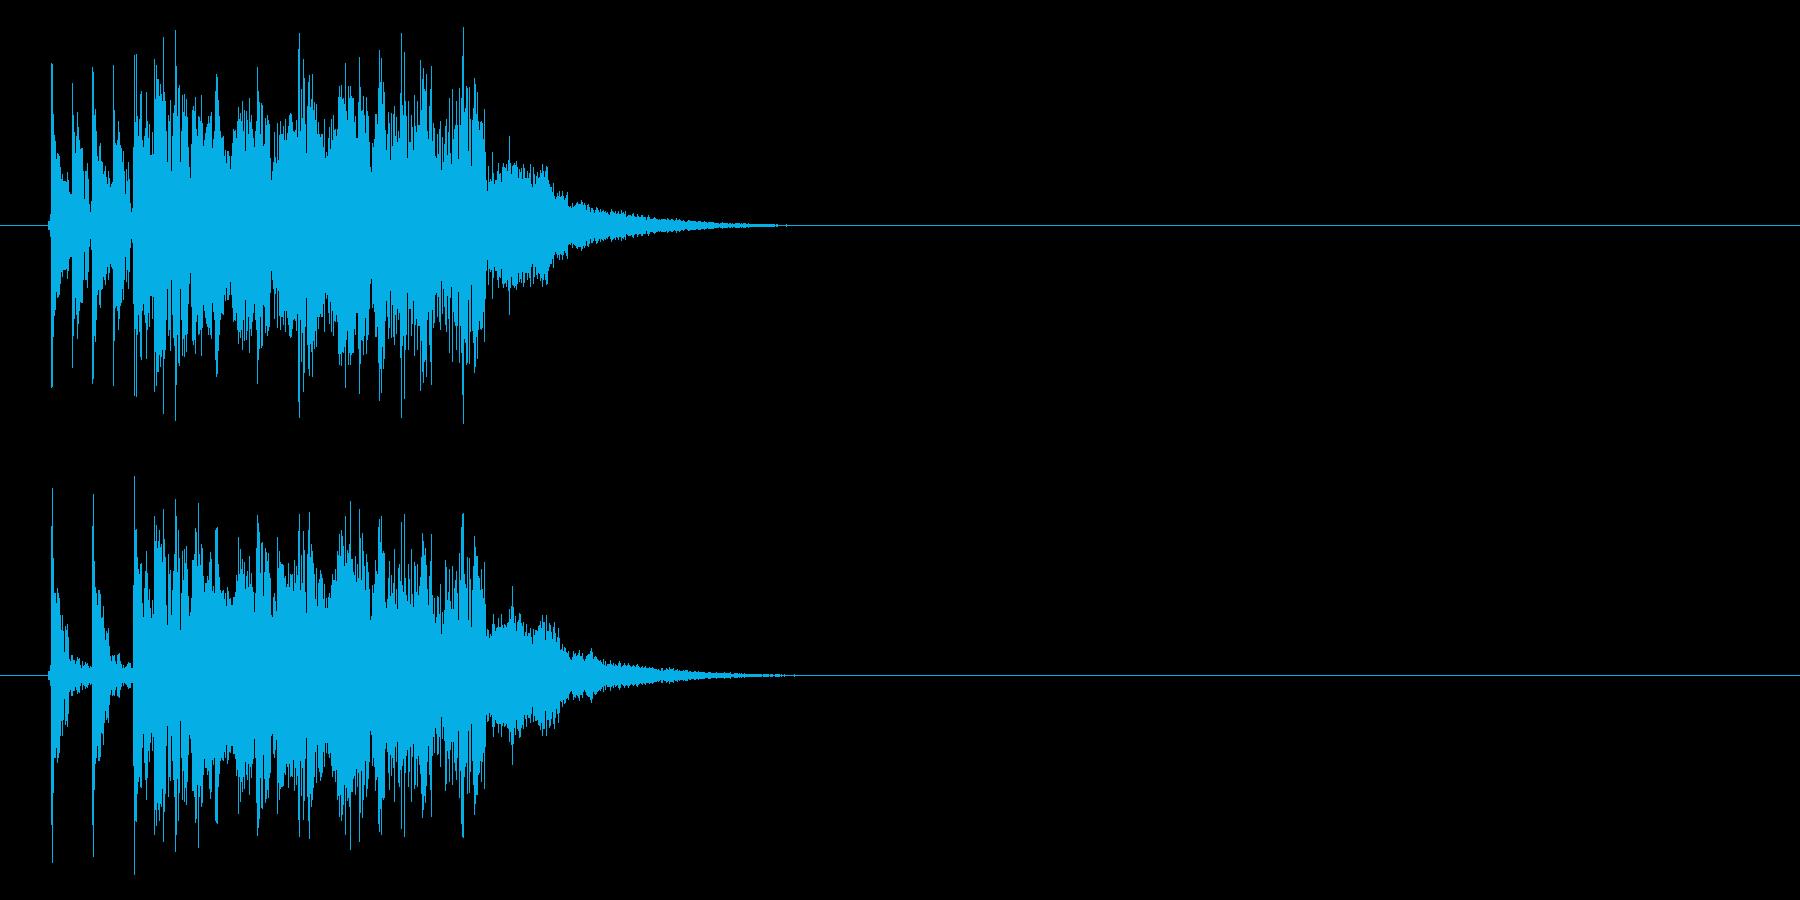 打ち込み系エレクトリック・ファンクの再生済みの波形